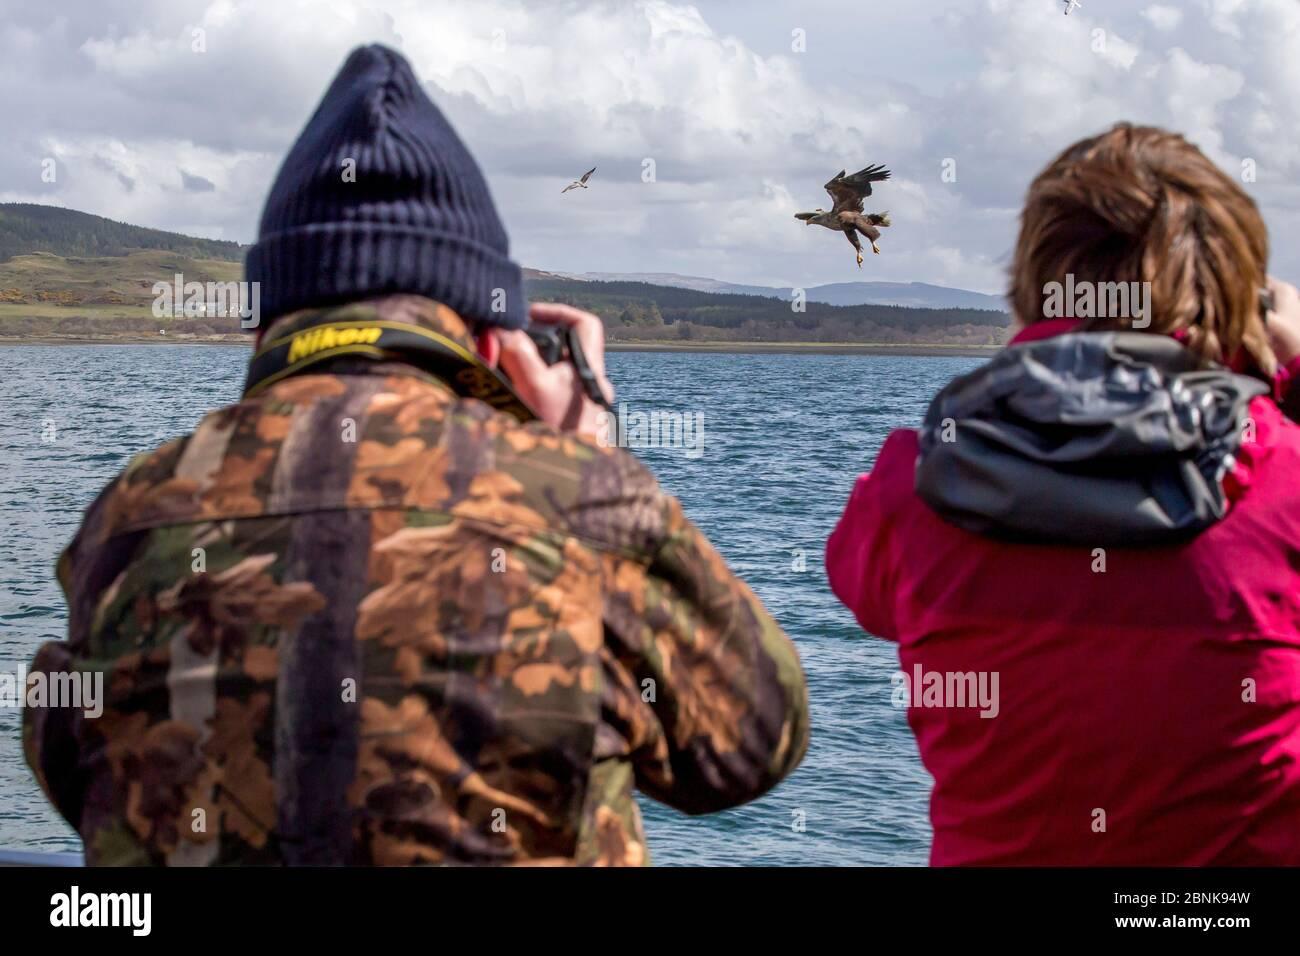 Vista posteriore uomo e donna, fotografando aquila di mare dalla coda bianca (Haliaetus albicilla) che prende pesce, Isola di Mull, Argyll e Bute, Scozia, Regno Unito, maggio. Foto Stock